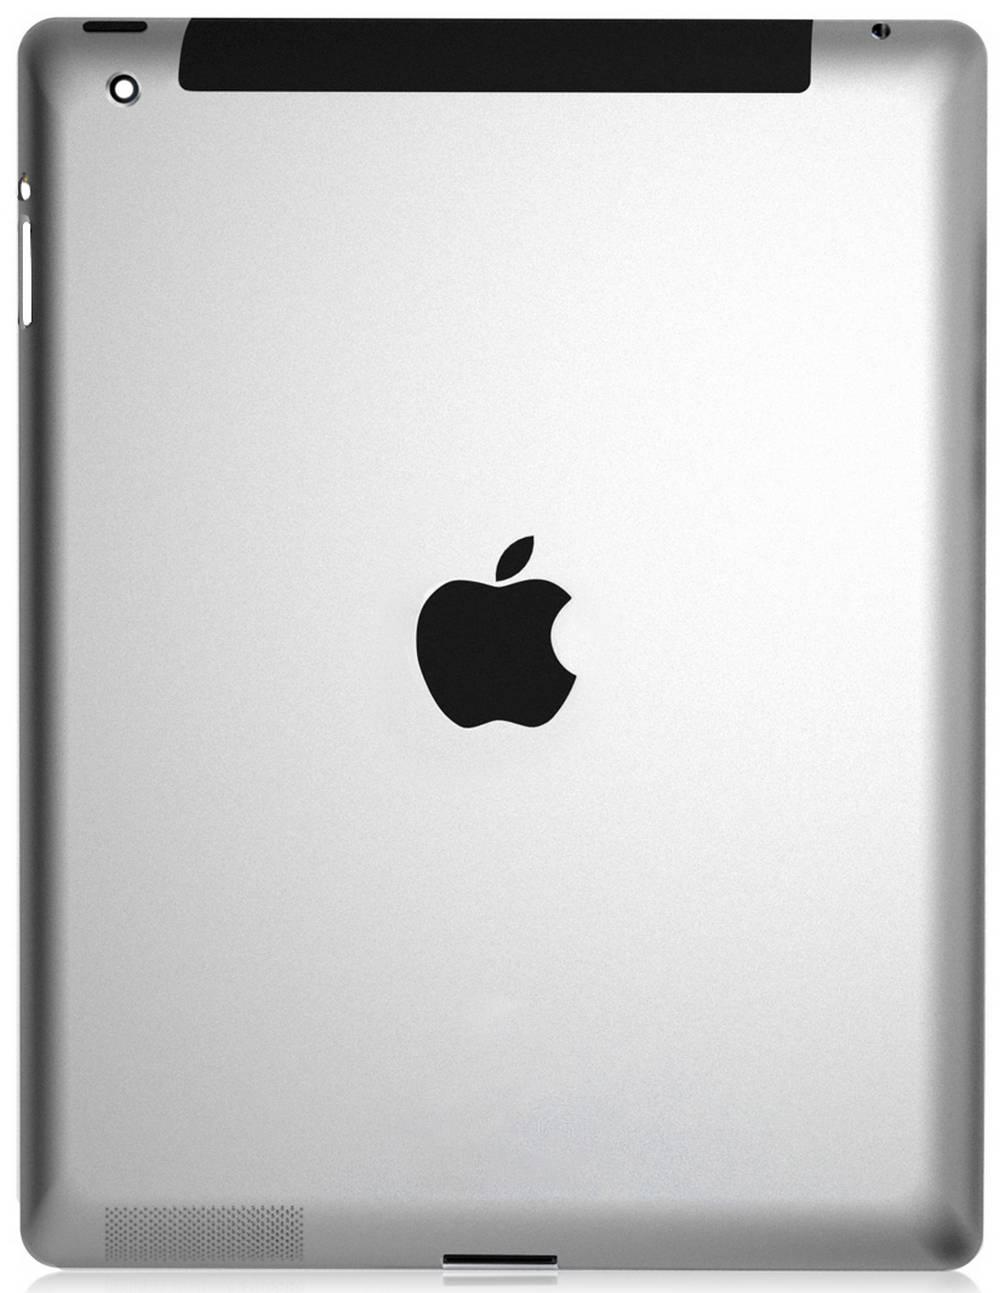 Πίσω Κάλυμμα Apple iPad 3 4G Ασημί Swap